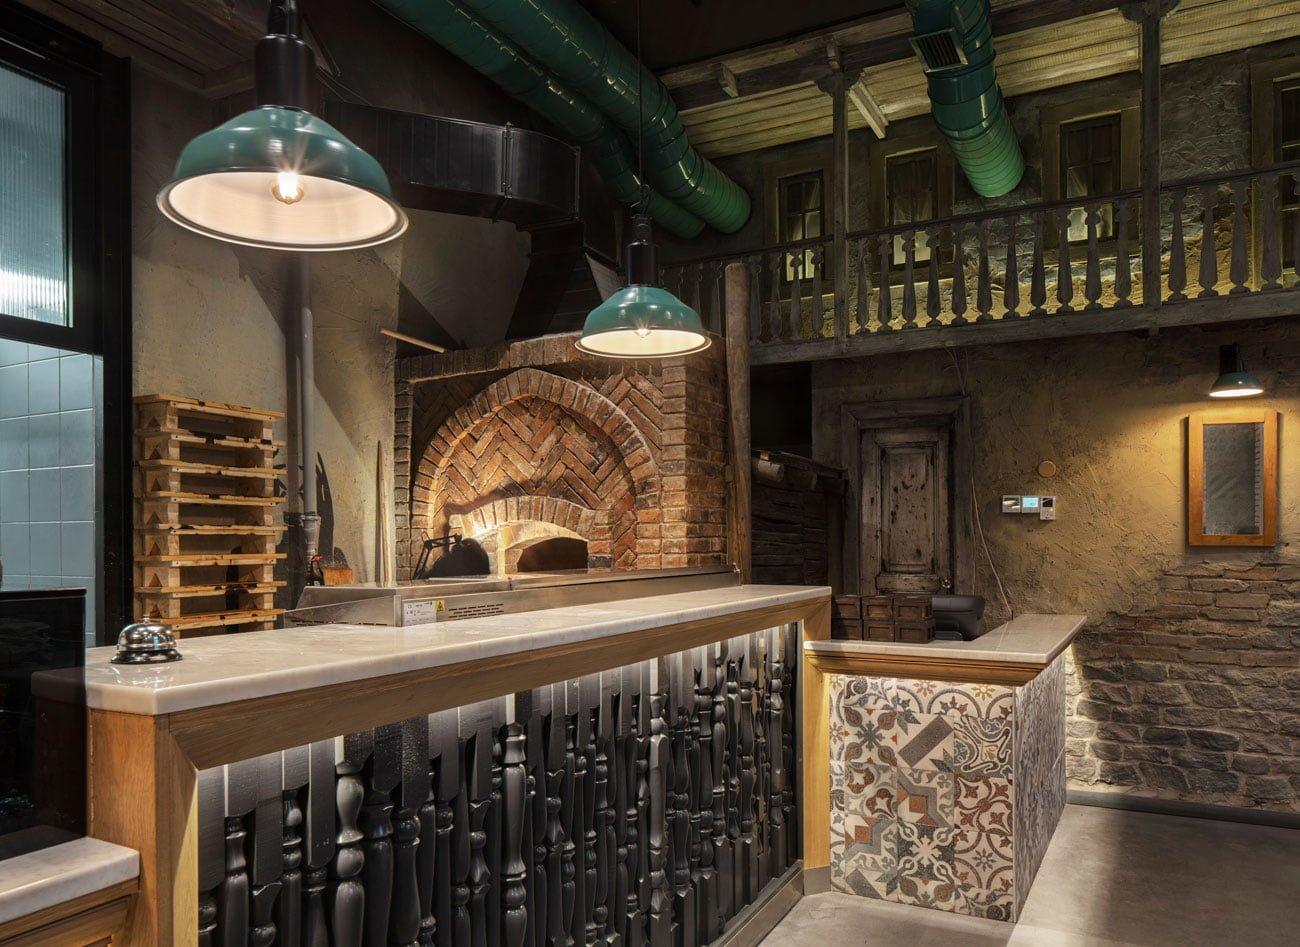 фотография большой каменной печи, аутентичный дизайн интерьера ресторана Ктур